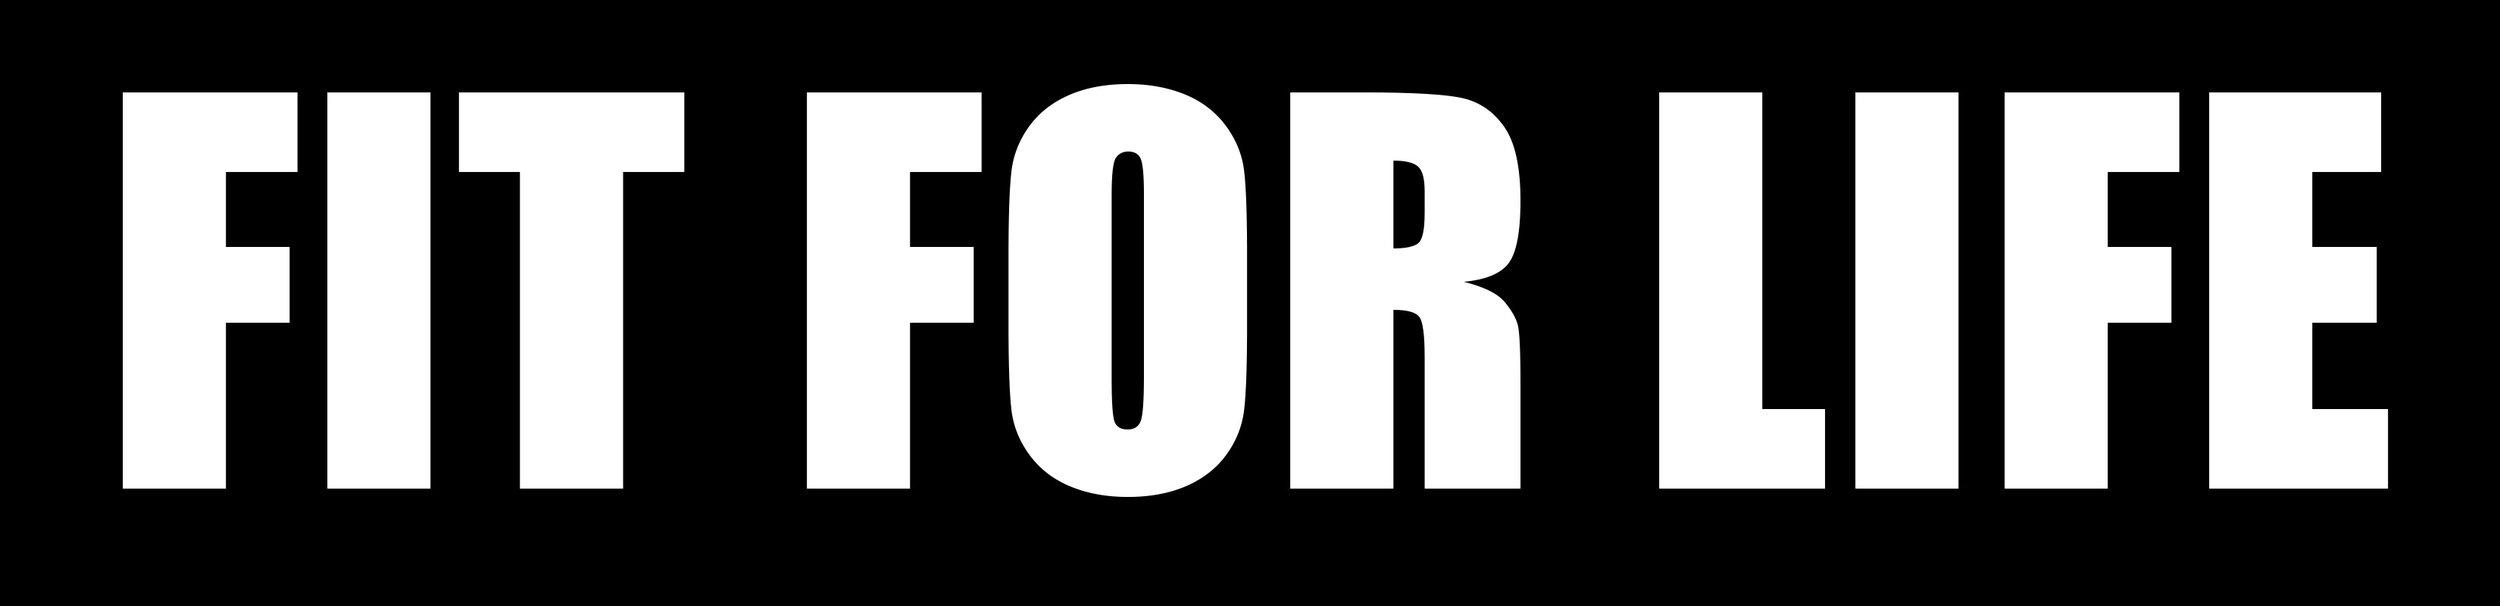 FitForLifebanner.jpg